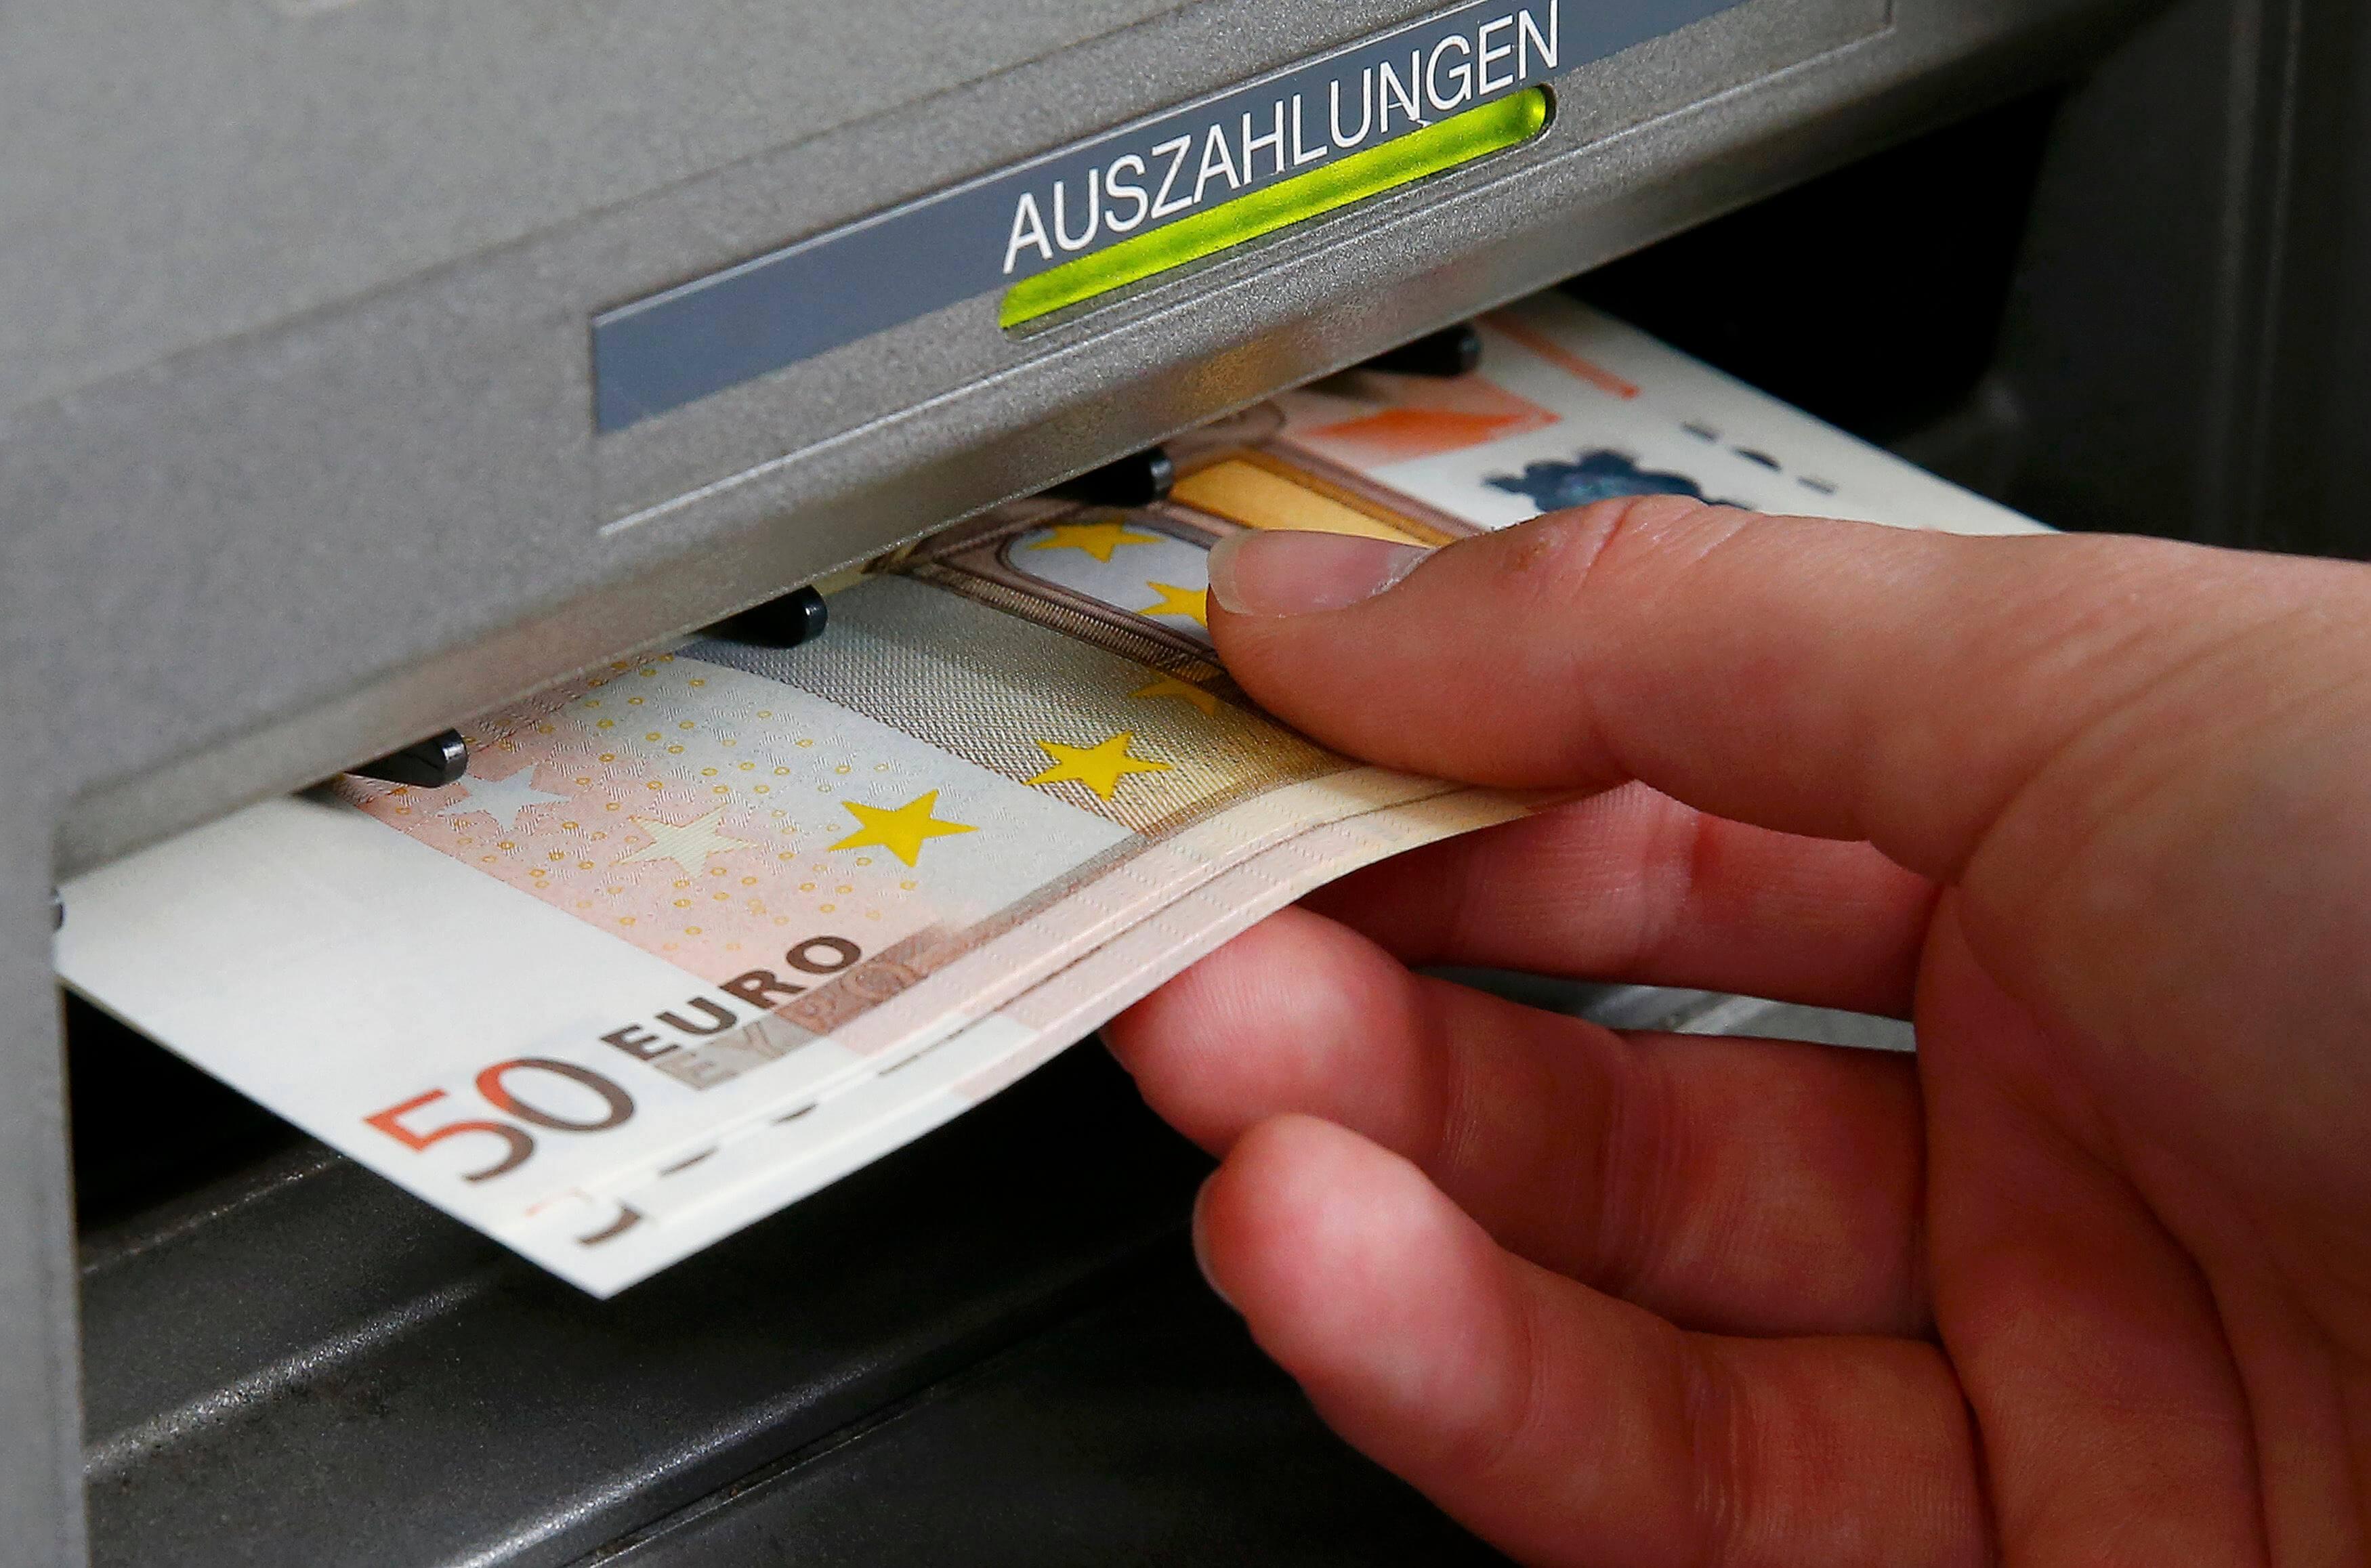 Φόβοι για χρεώσεις στην ανάληψη μετρητών από ΑΤΜ